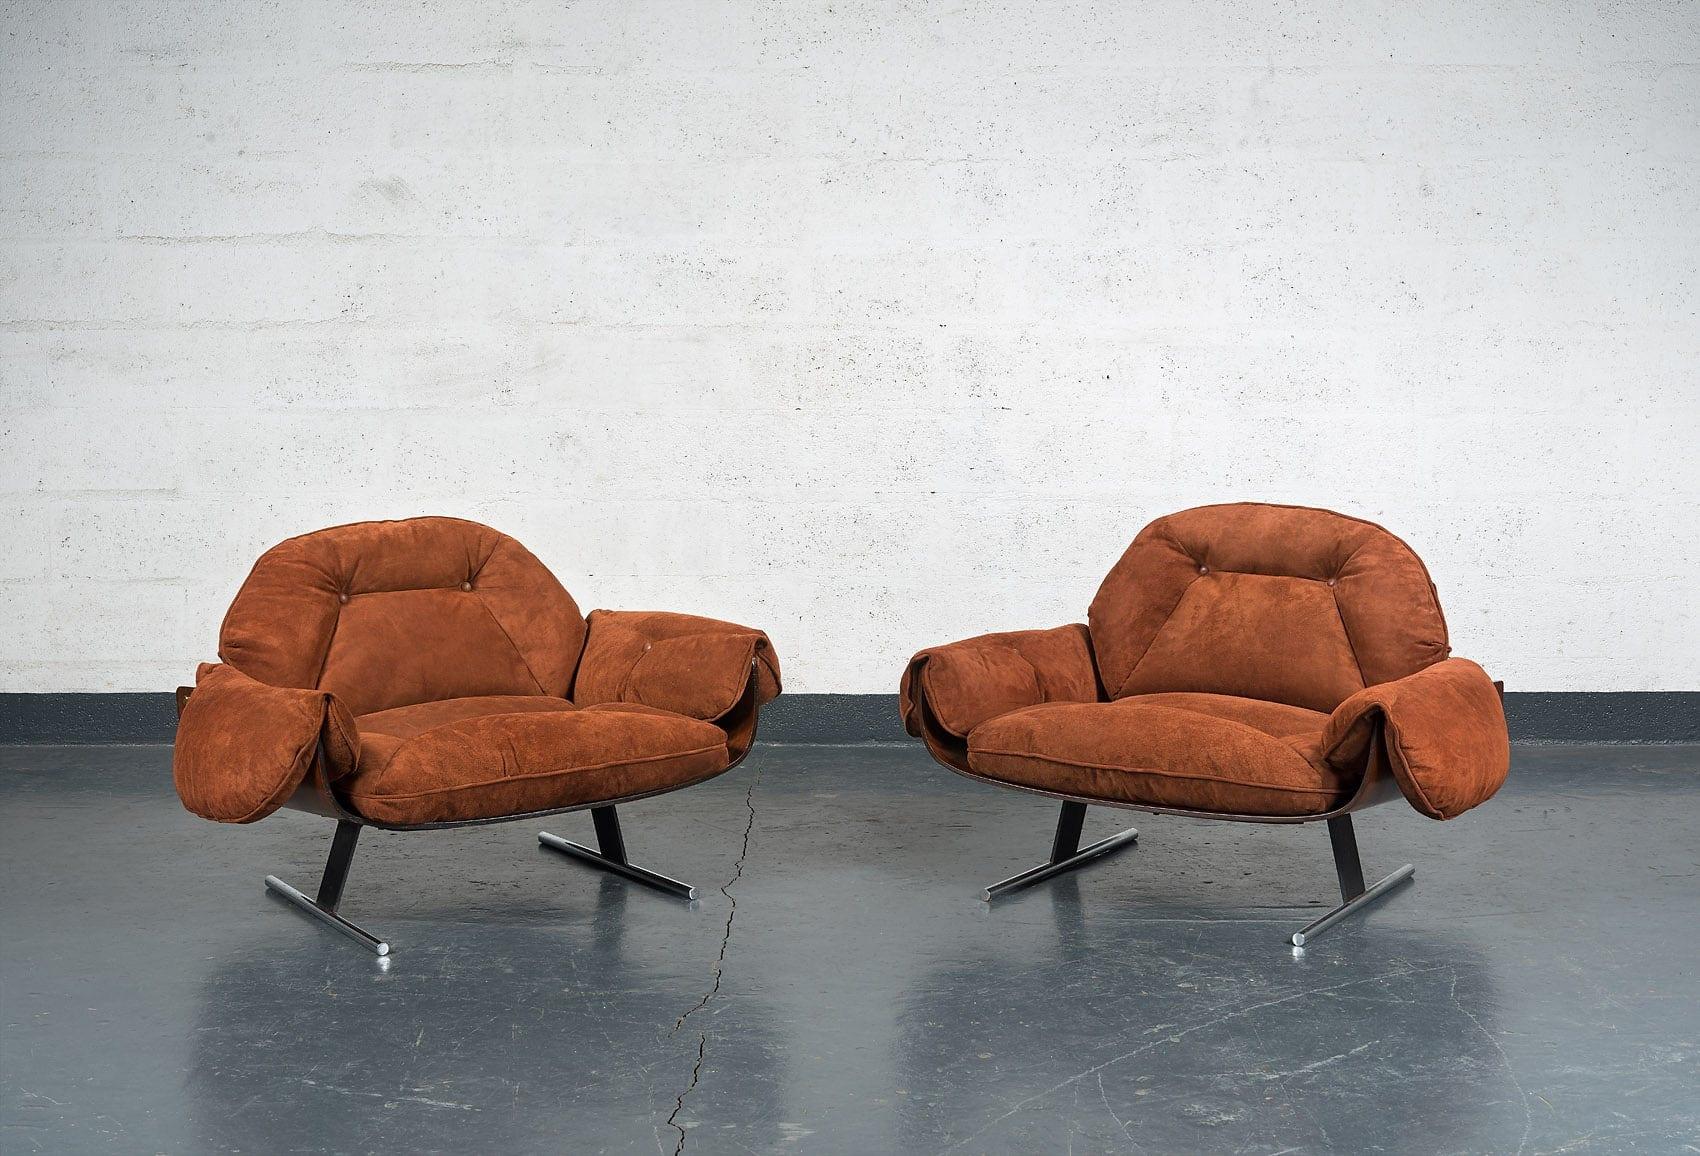 Jorge Zalszupin, Paire de fauteuils «Presidencial», vue 01